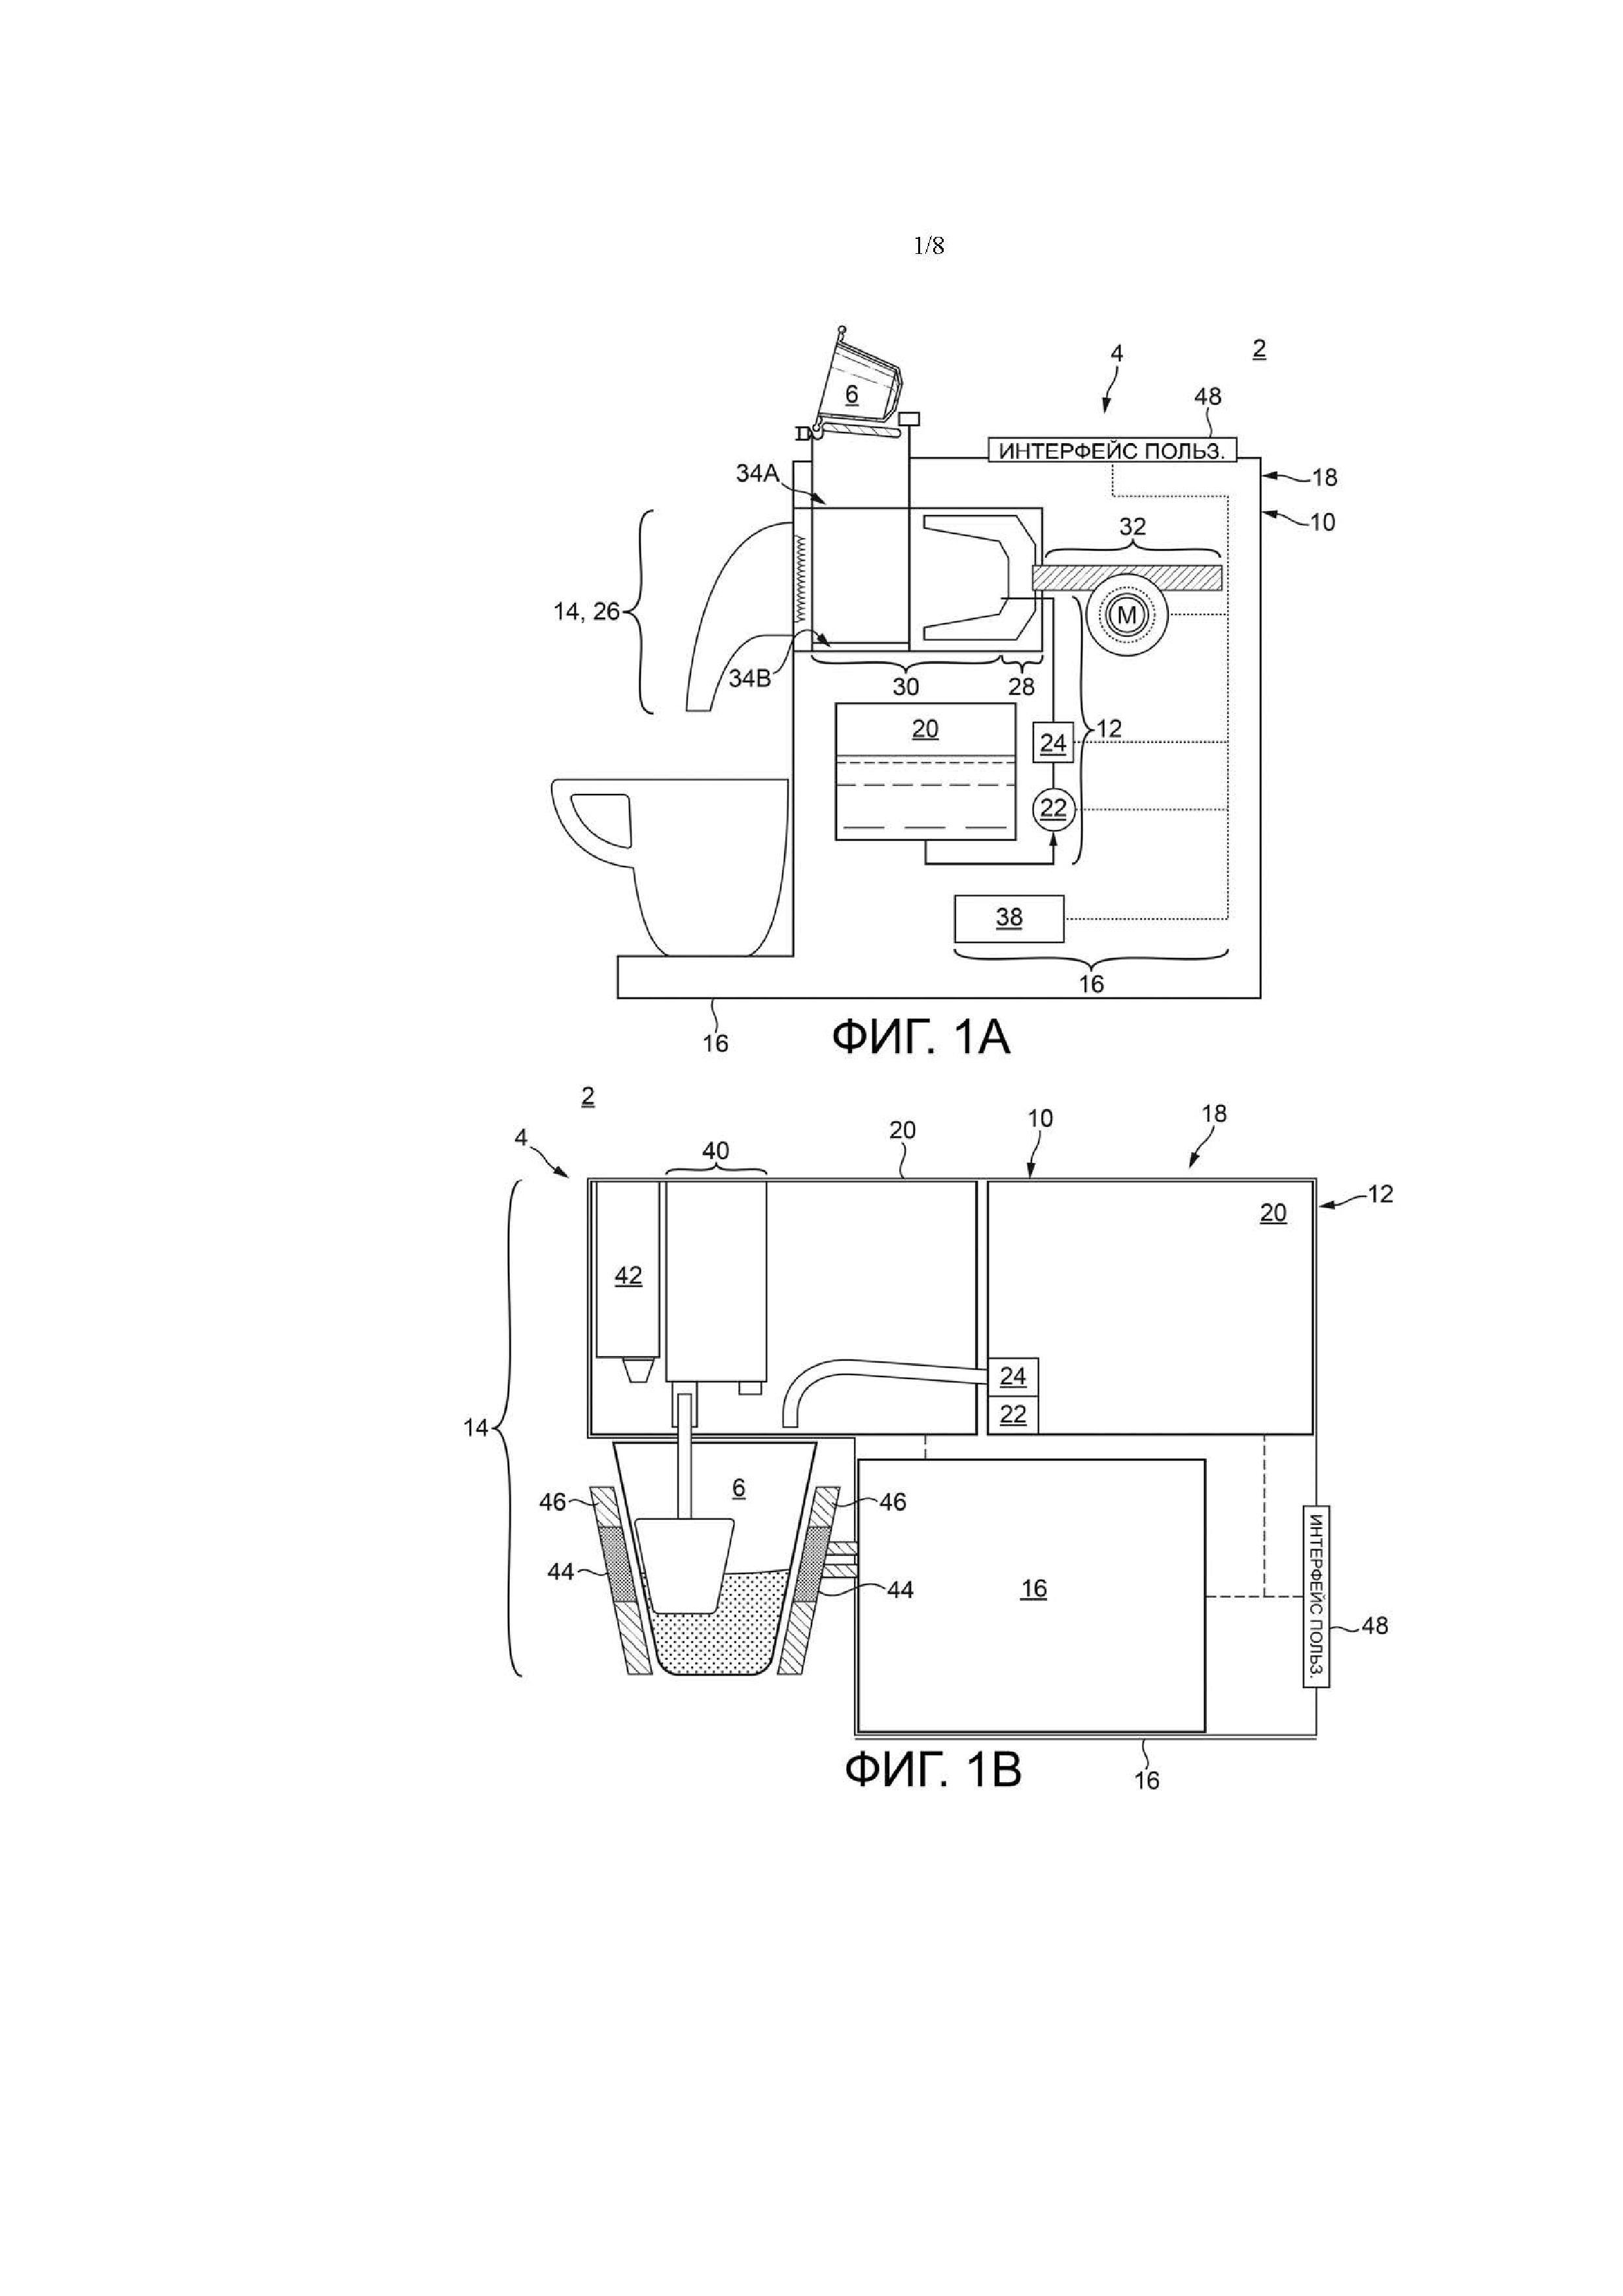 Код рецептуры и контейнер системы для приготовления напитка или продукта питания